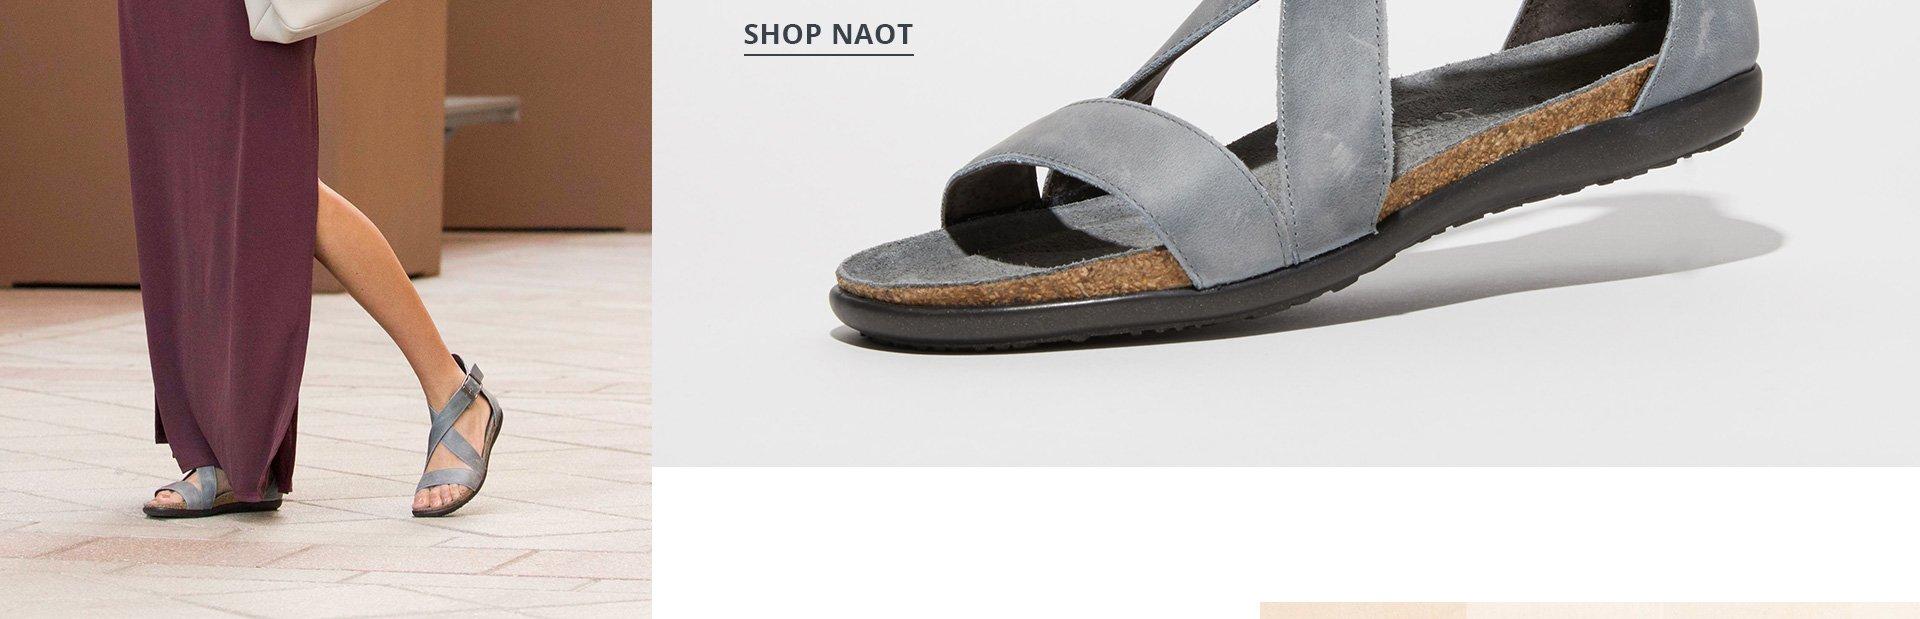 Shop Naot